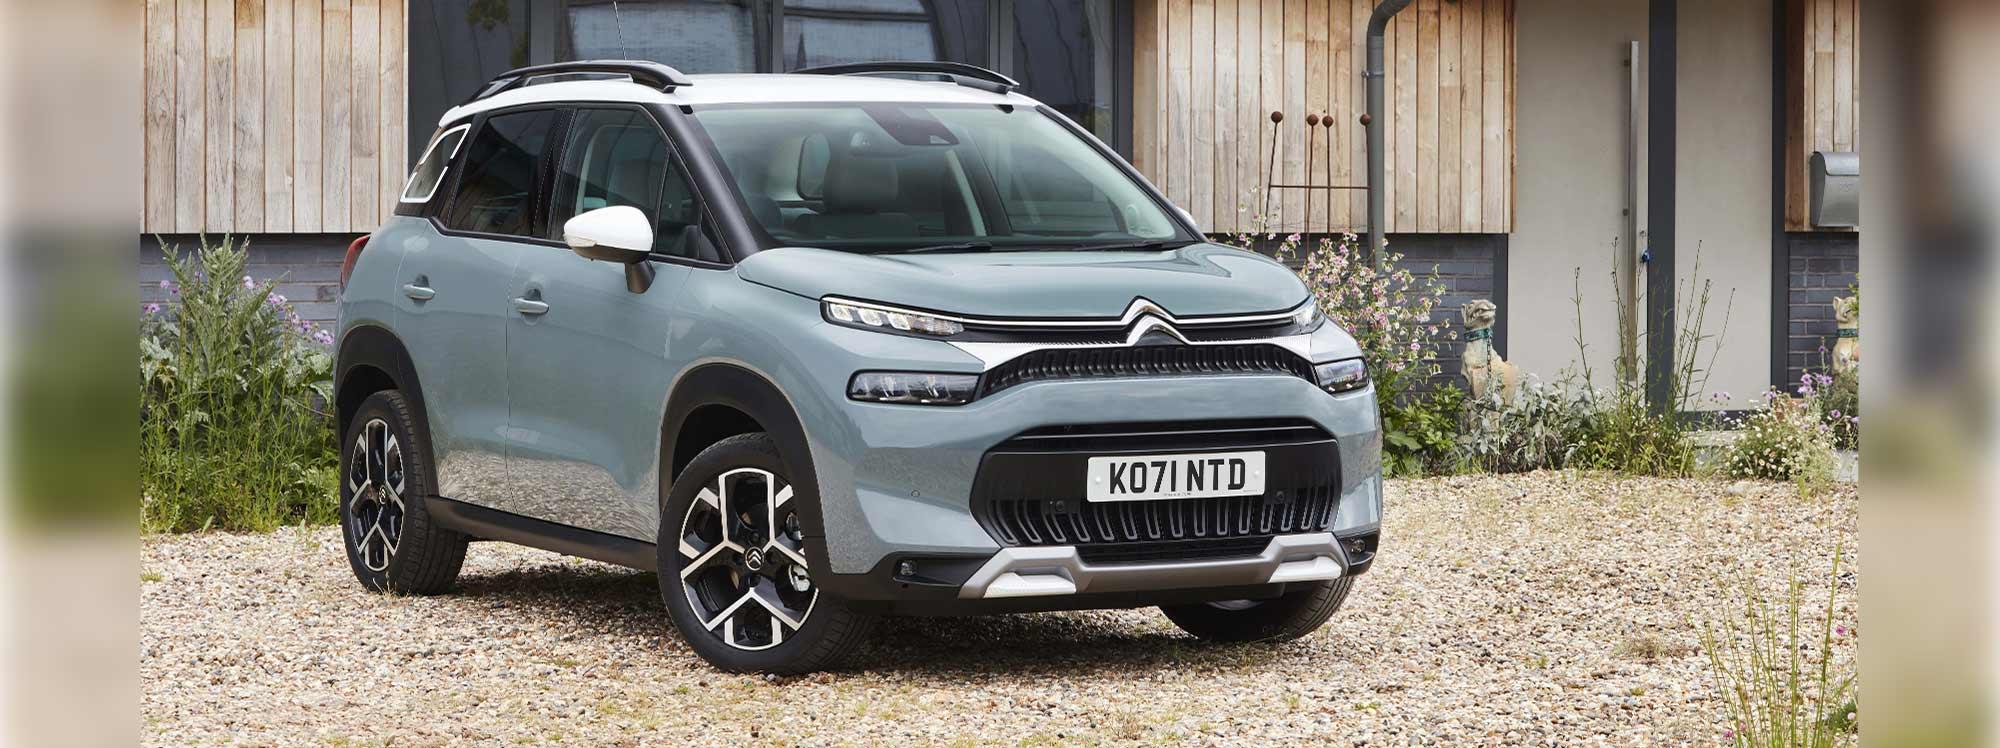 Citroën amplía su gama para gasolina E10